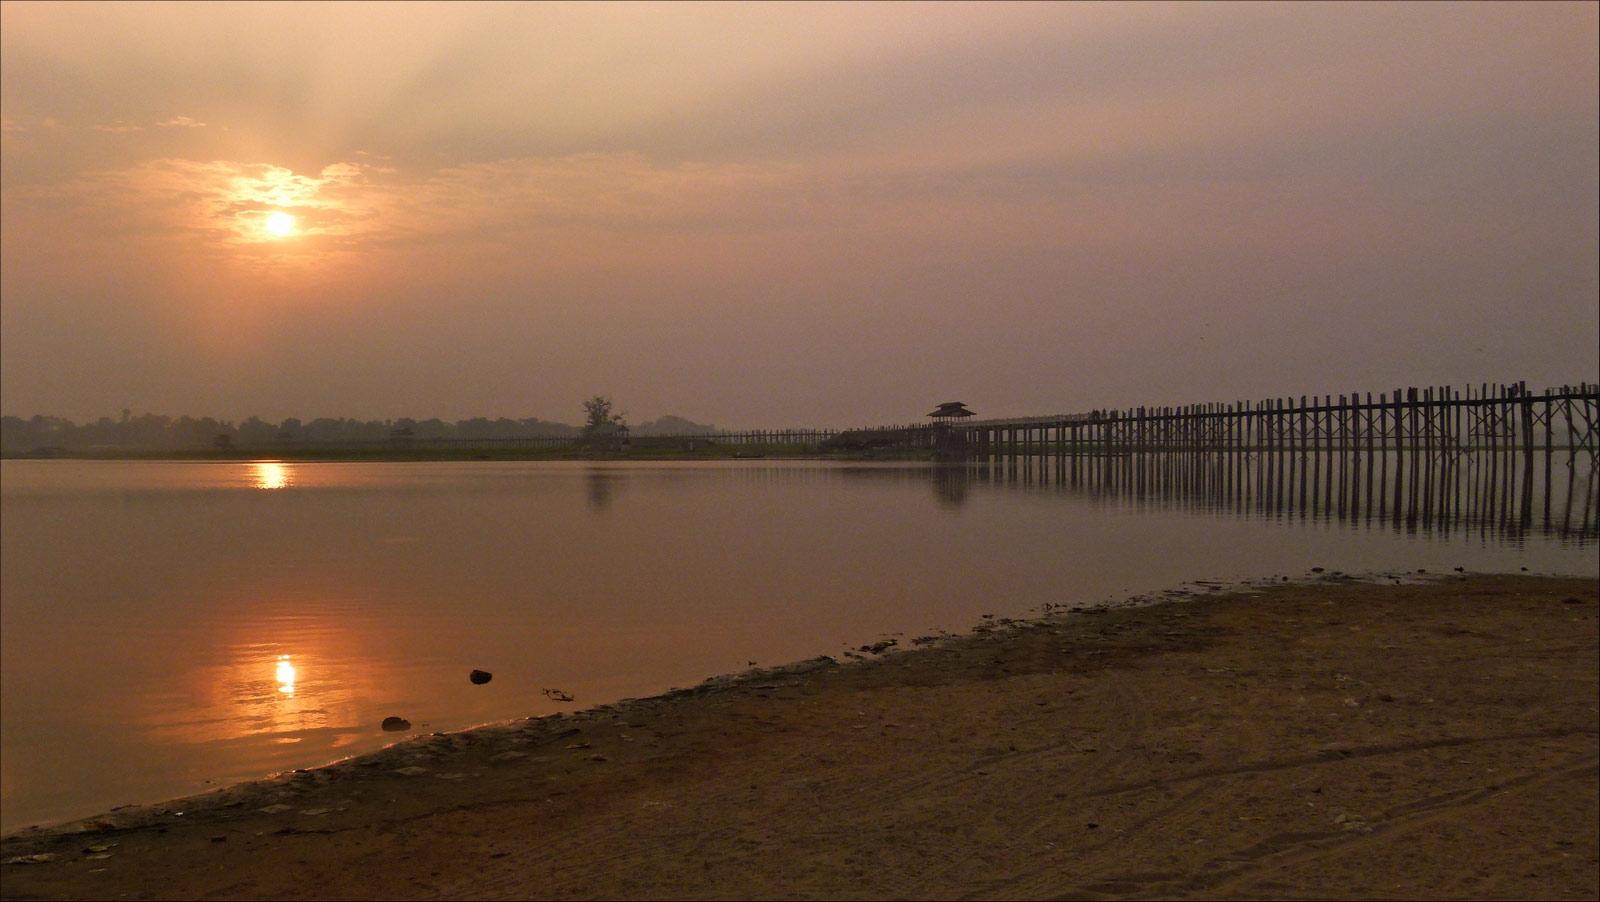 sunset sur le pont U Bein P1300748bis07cp